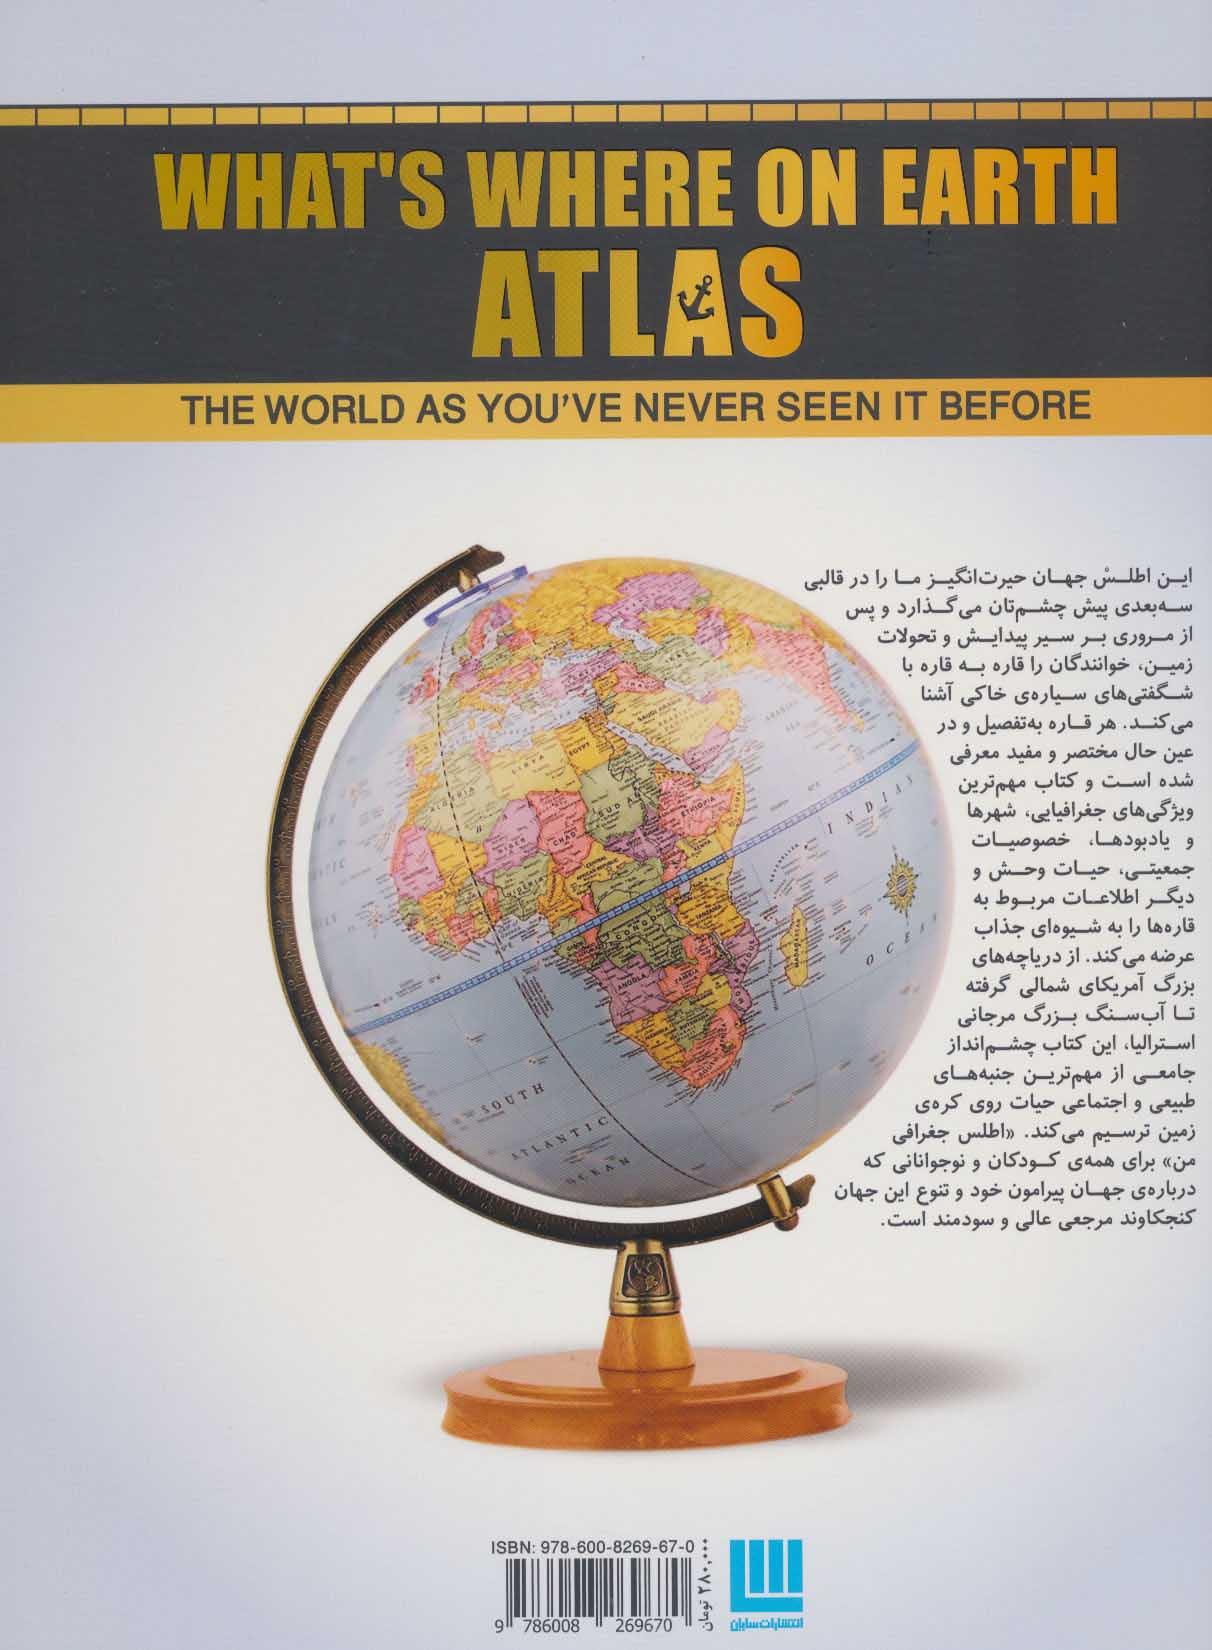 اطلس جغرافی من (جهان،چنان که پیش از این هرگز ندیده اید!)،(گلاسه)